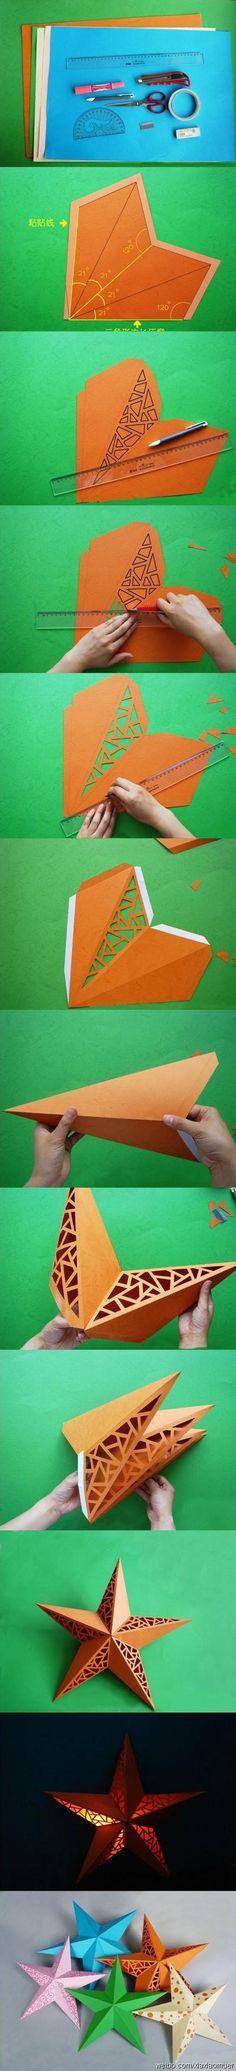 Christmas decoration #diy #crafts